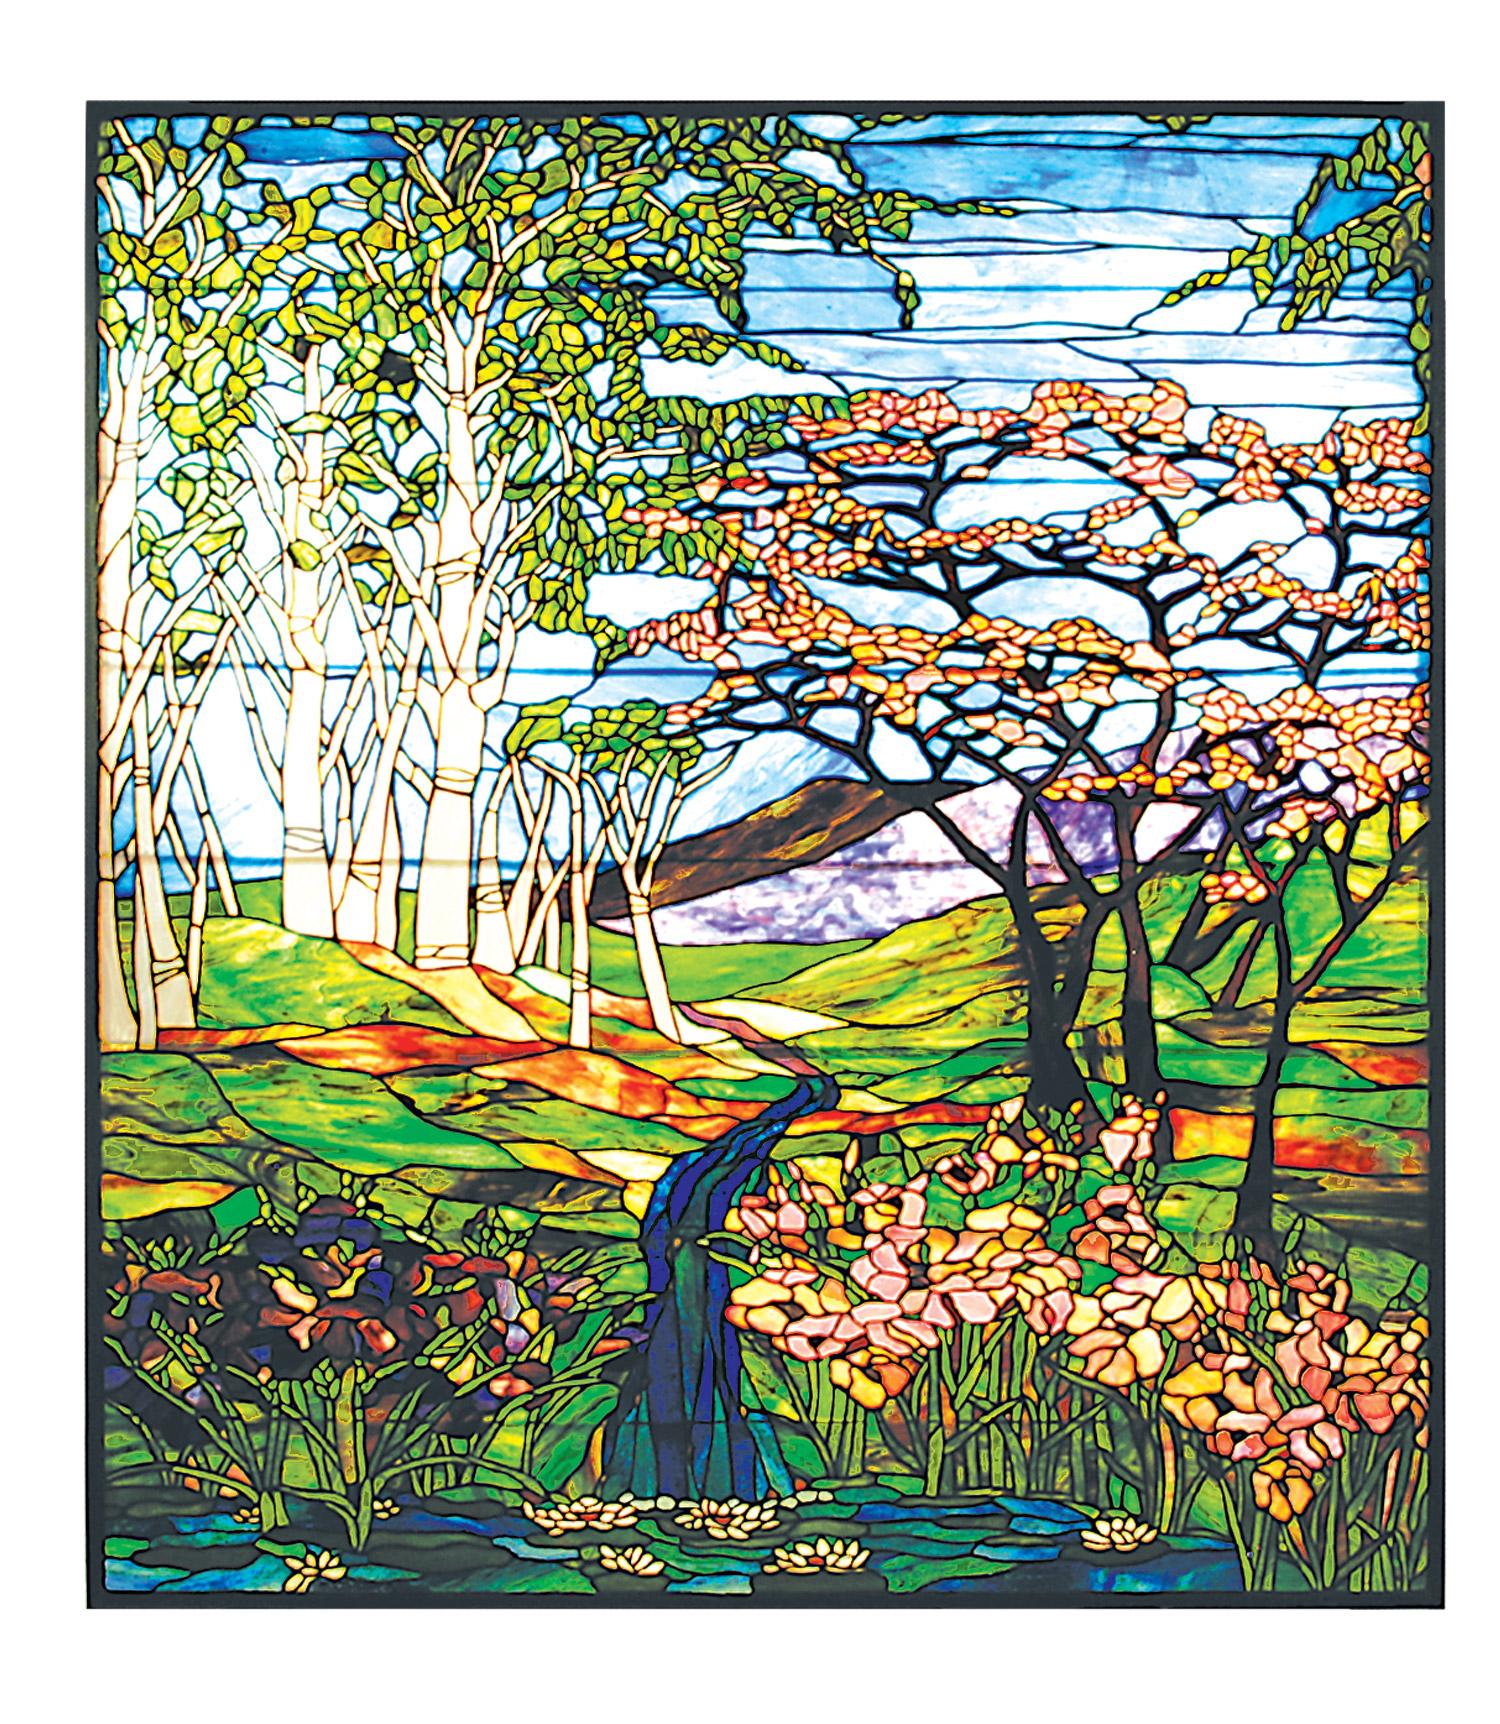 Meyda 29653 Tiffany Waterfall Iris Amp Birch Stained Glass Window